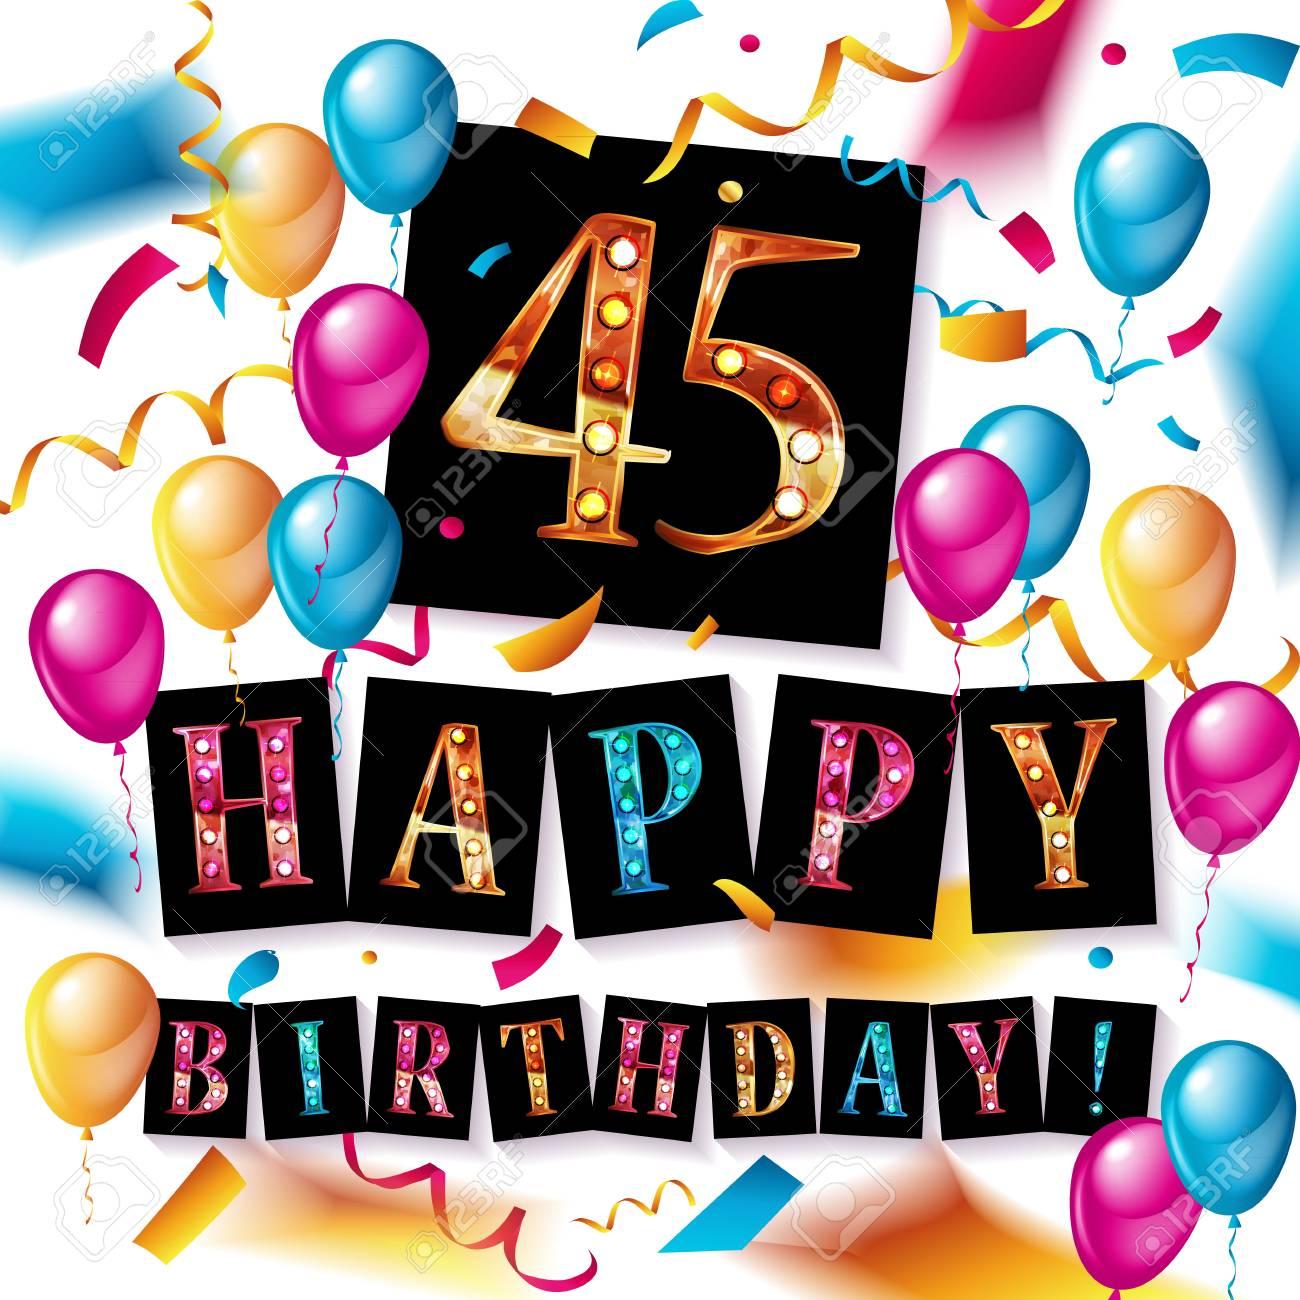 45 zum alles geburtstag bilder gute Geburtstag Bilder